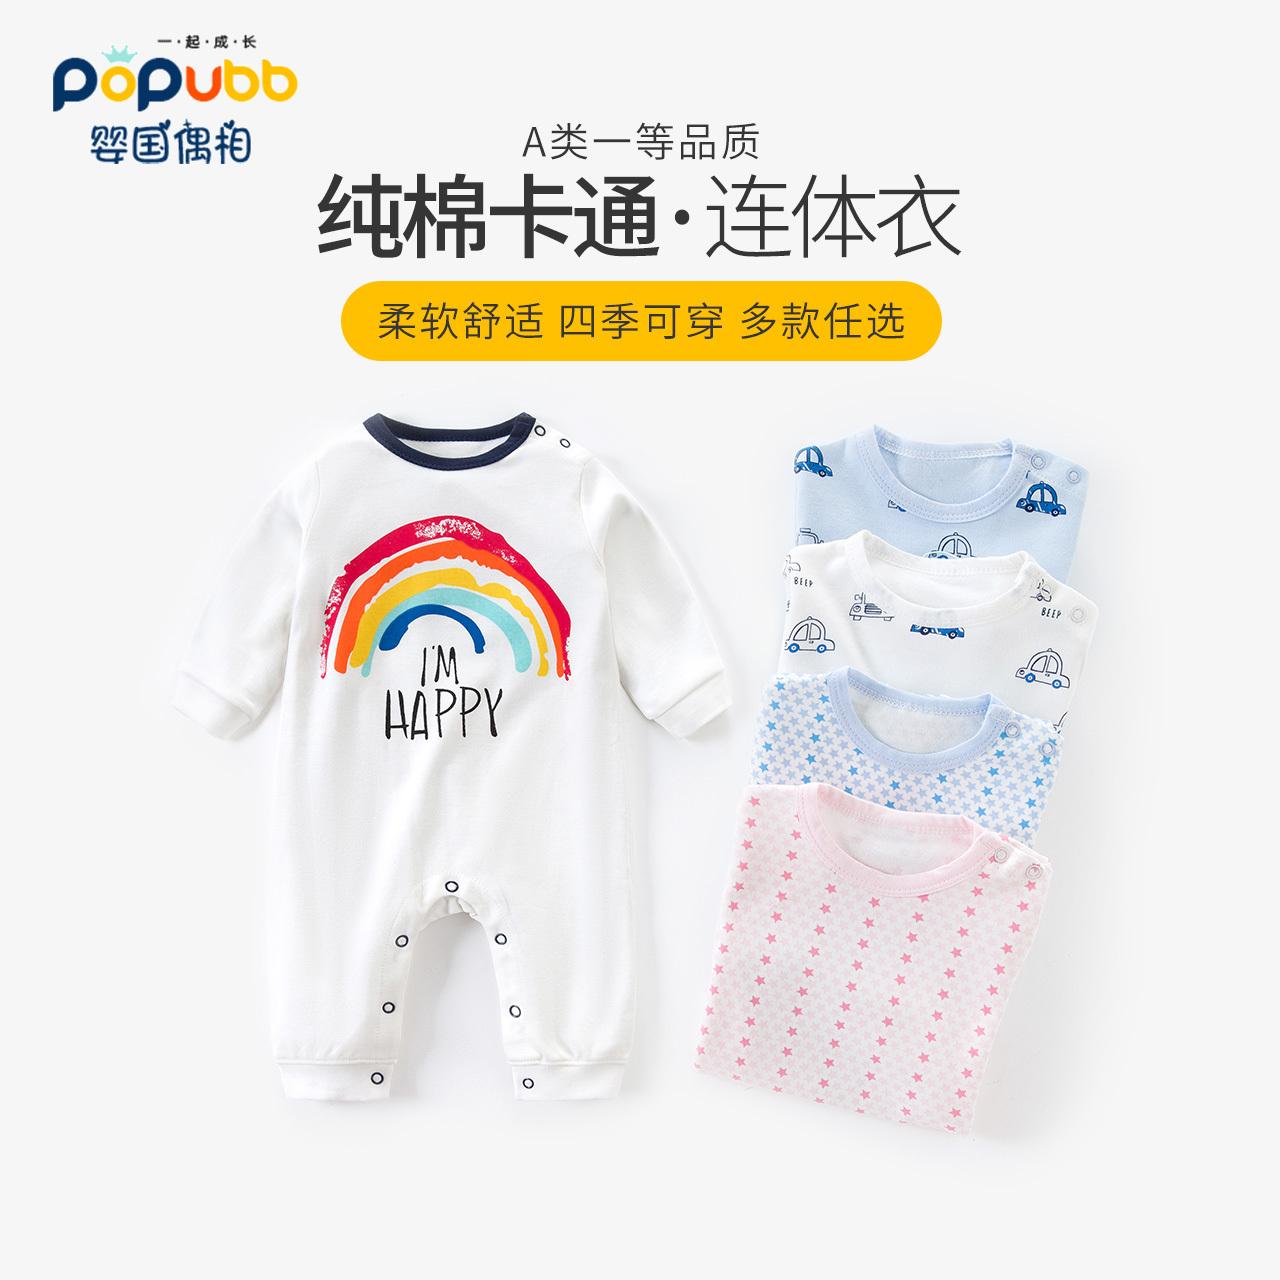 POPUBB 婴国偶相 新生婴儿短袖哈衣 11.95元